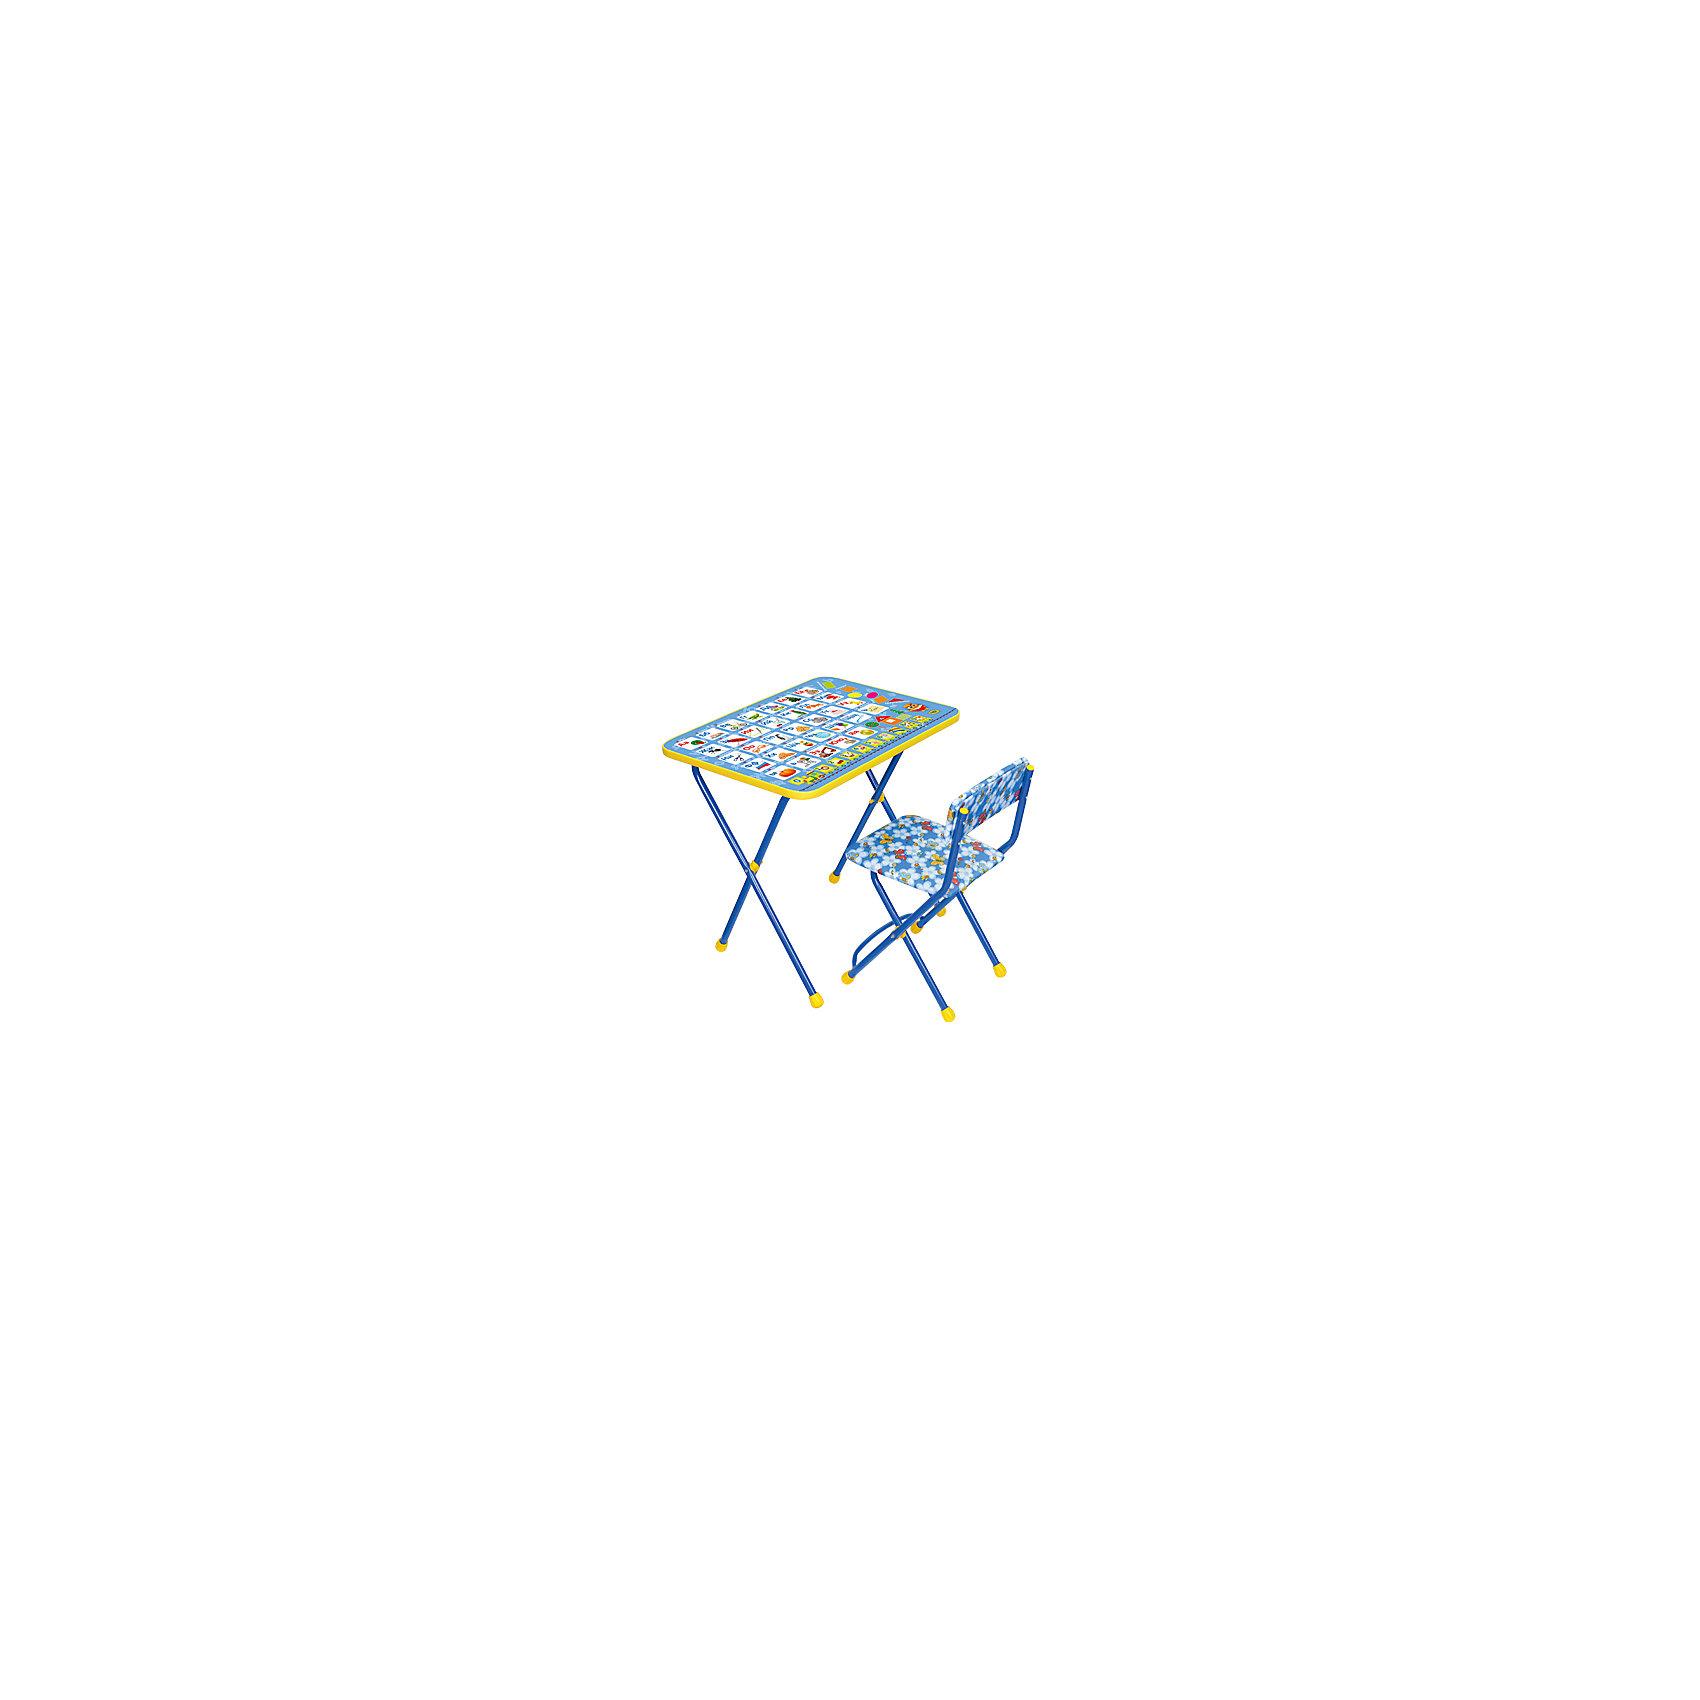 Набор мебели Азбука, КП2/9, НикаСтолы и стулья<br>Набор детской мебели Азбука состоит из двух предметов: стол-парта и стульчик.  На крышке столика изображен алфавит с картинками. <br><br>Дополнительная информация:<br><br>В комплект входит стол-парта и стул с мягким сиденьем.<br>- Металлический каркас.<br>- Столешница облицована пленкой с тематическими рисунками.<br>- На ножках стула установлены пластмассовые наконечники.<br>- Размер столика: 59х45х57 см.<br>- Размер стула: высота до сиденья 32 см, высота со спинкой 56 см.<br>Сиденье: 30х27 см.<br>- Возраст: от 3-х лет<br><br>Набор мебели Азбука можно купить в нашем магазине.<br><br>Ширина мм: 580<br>Глубина мм: 120<br>Высота мм: 450<br>Вес г: 8000<br>Возраст от месяцев: 36<br>Возраст до месяцев: 84<br>Пол: Унисекс<br>Возраст: Детский<br>SKU: 4718350